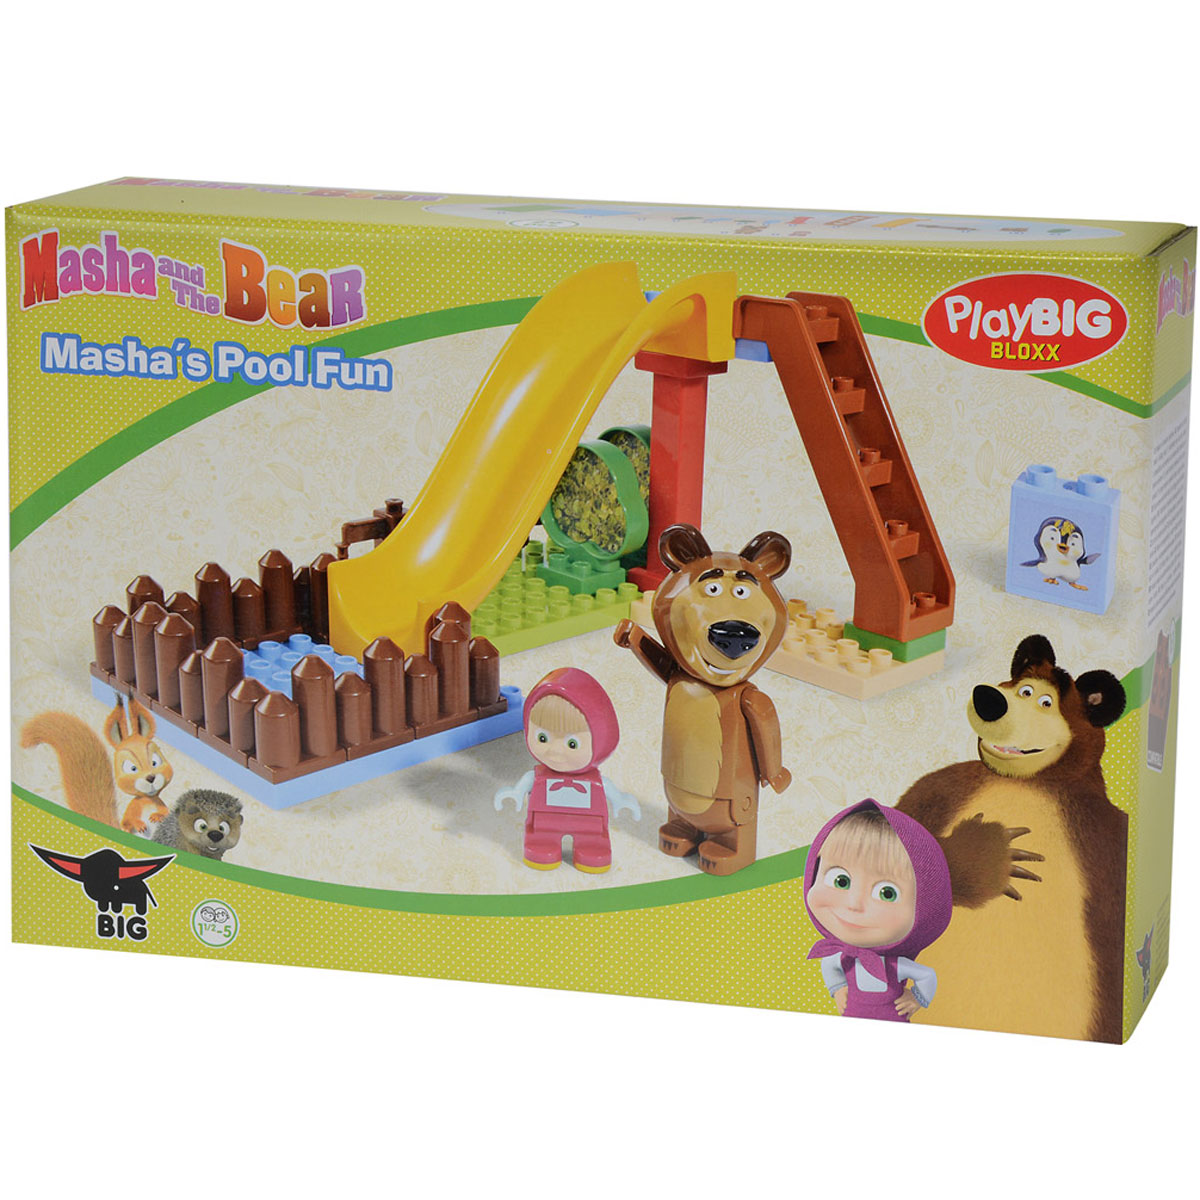 Big Конструктор Маша и Медведь Бассейн big конструктор маша и медведь бассейн